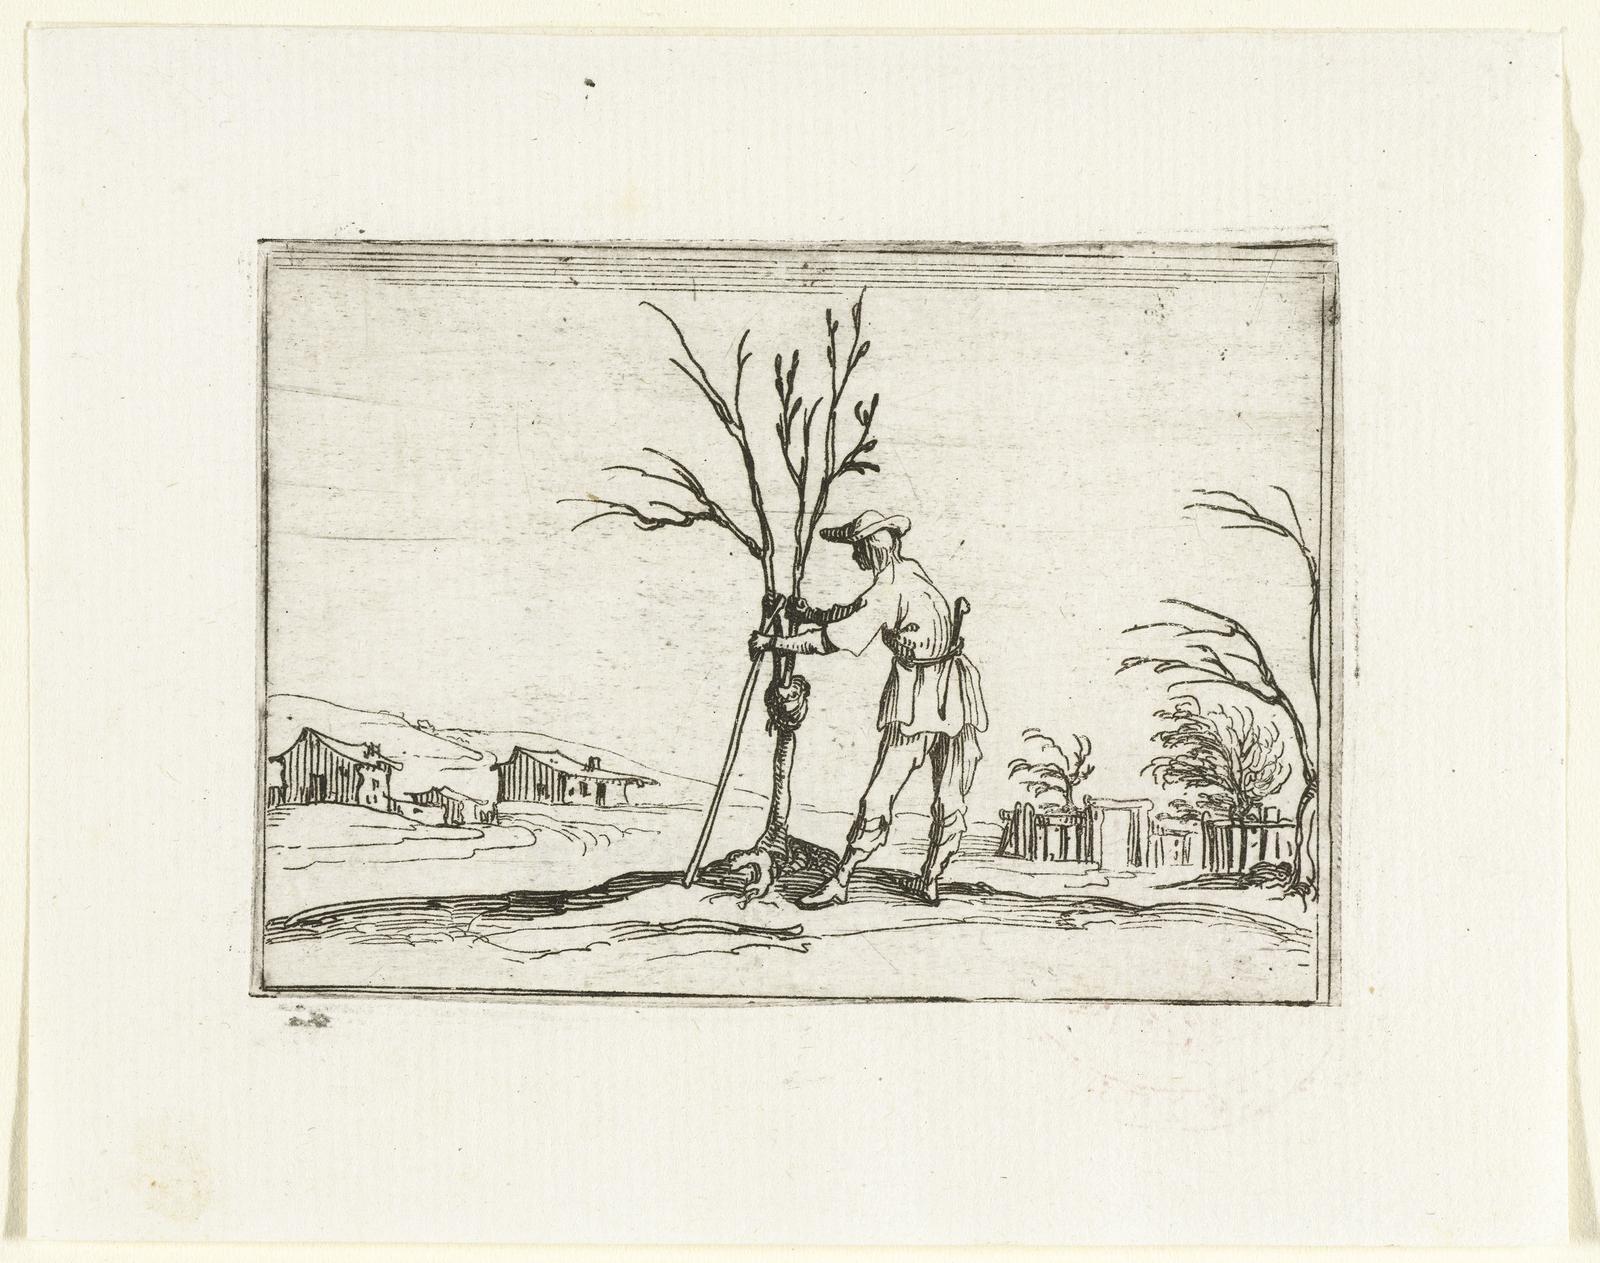 Een tuinman verzorgt een jonge boom